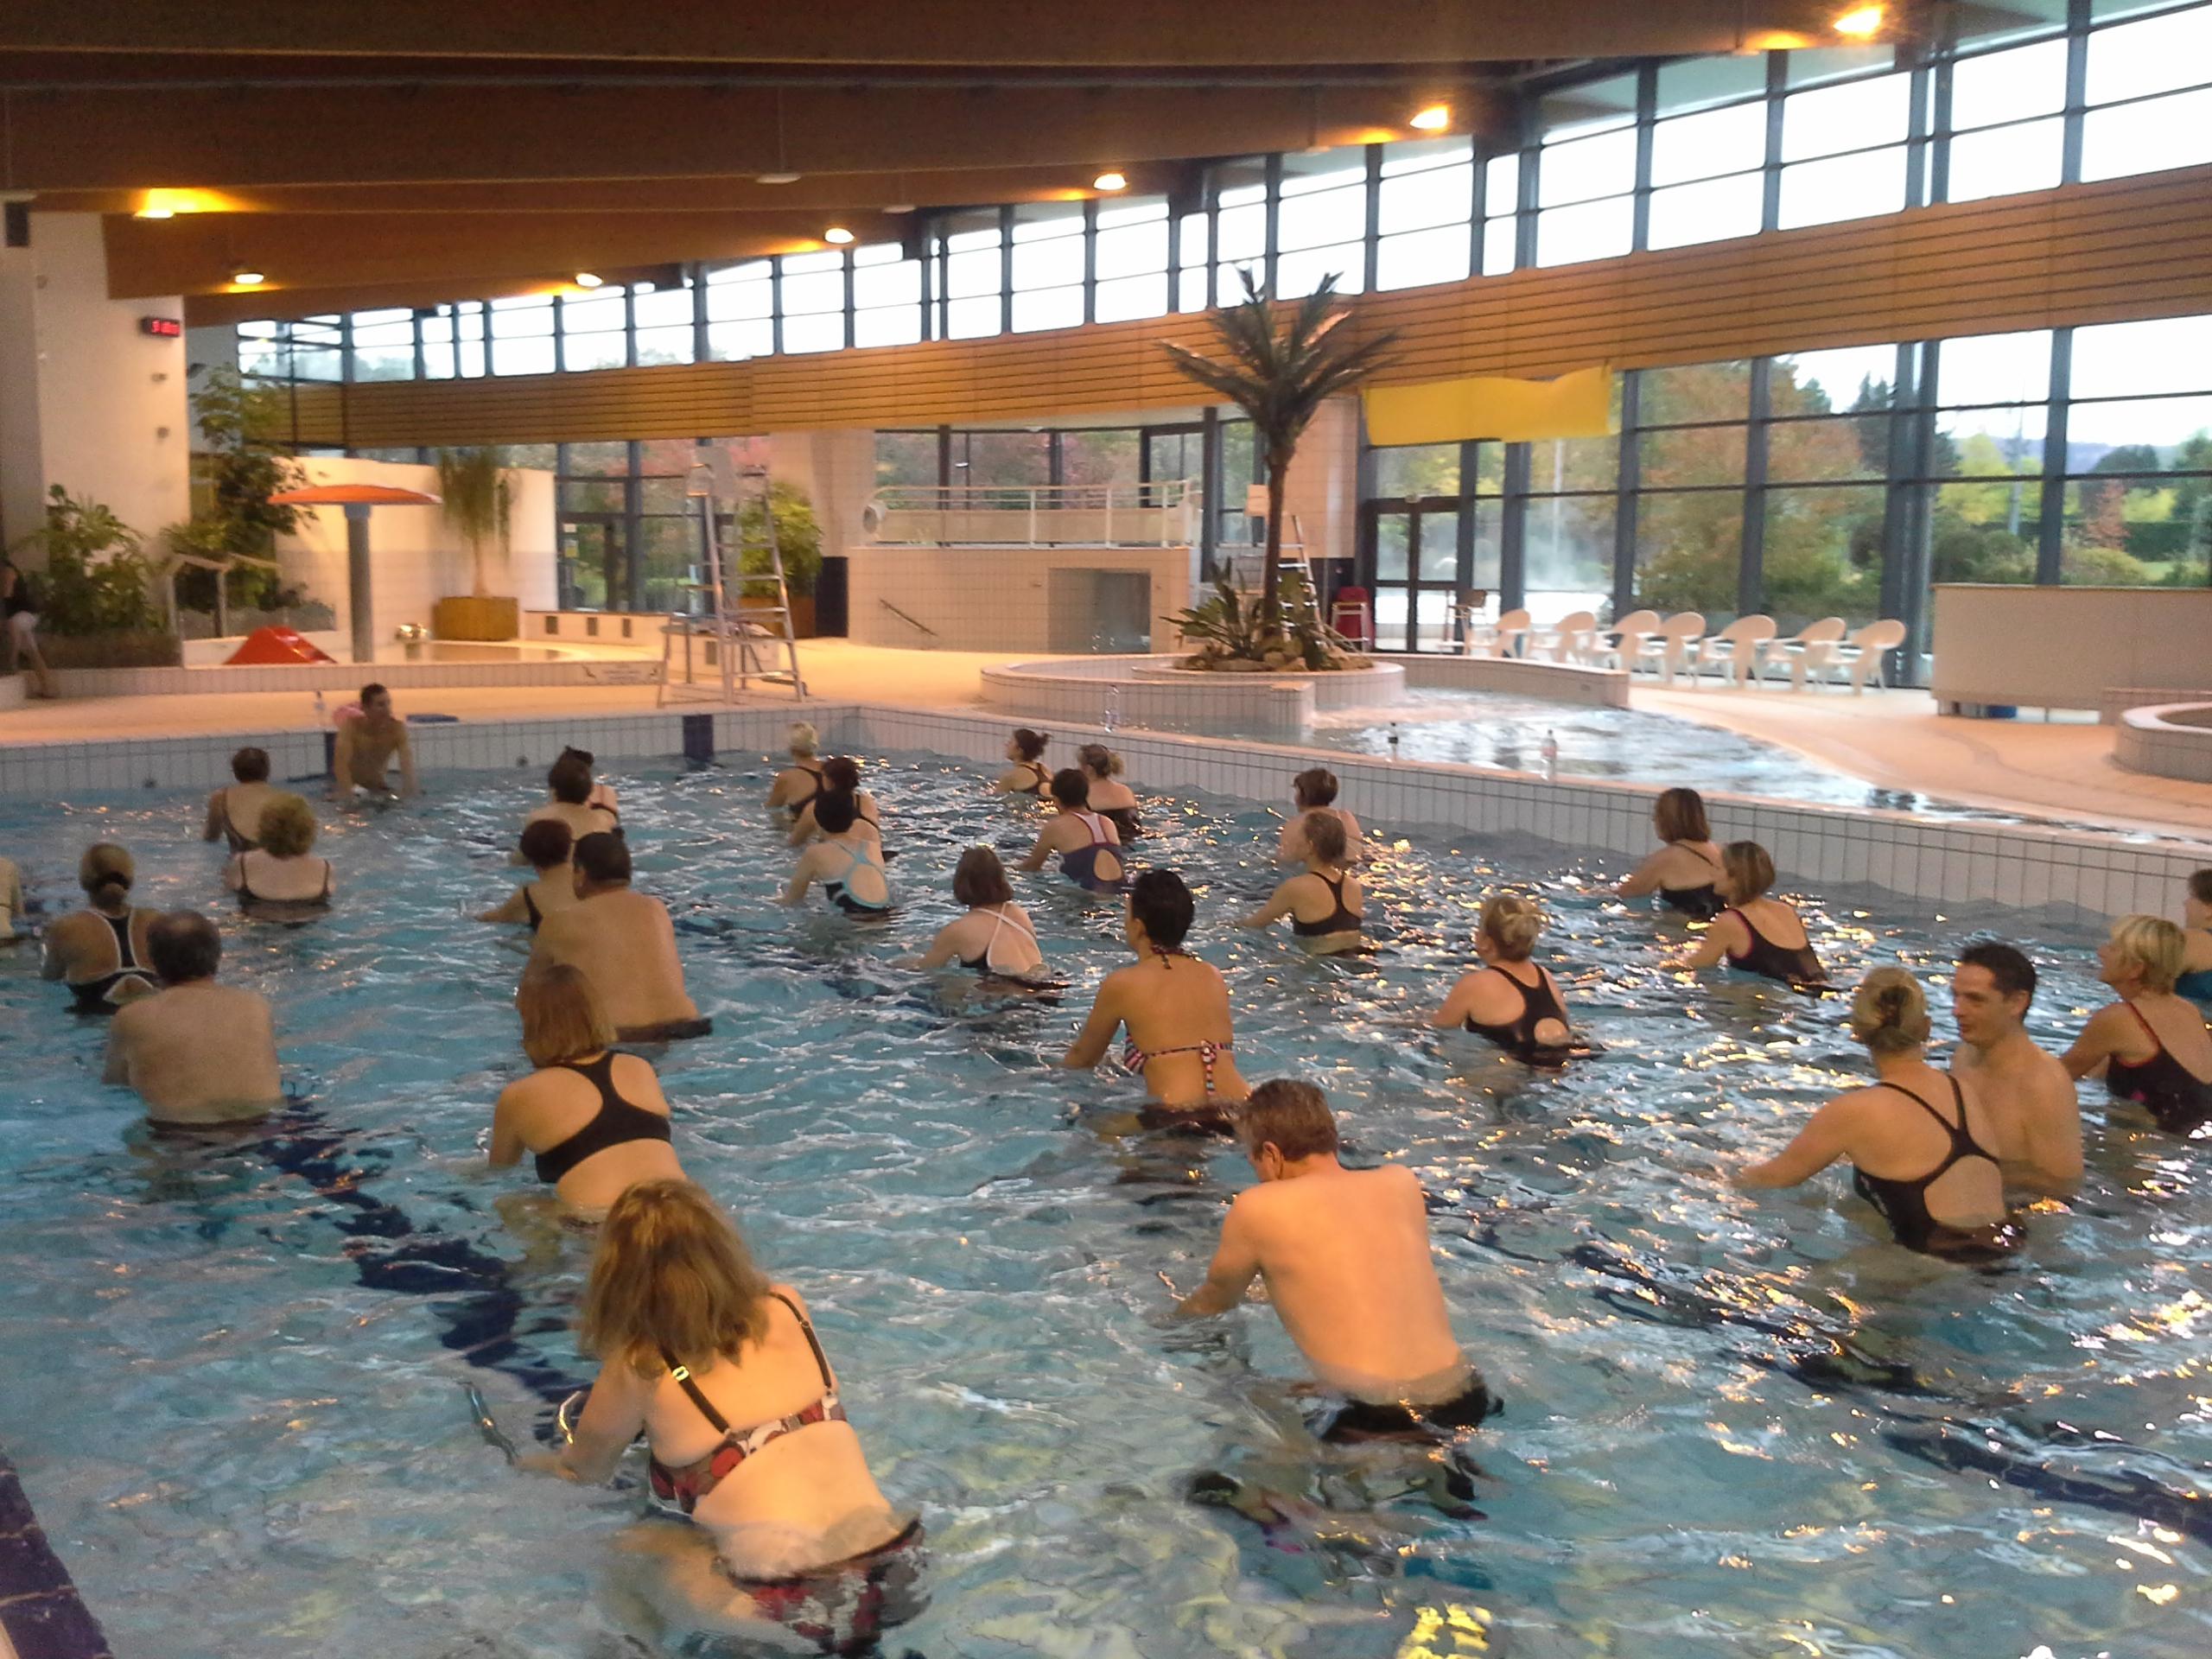 Ain'pulse - Centre Aquatique De Loisirs & Remise En Forme À ... intérieur Piscine Saint Vulbas